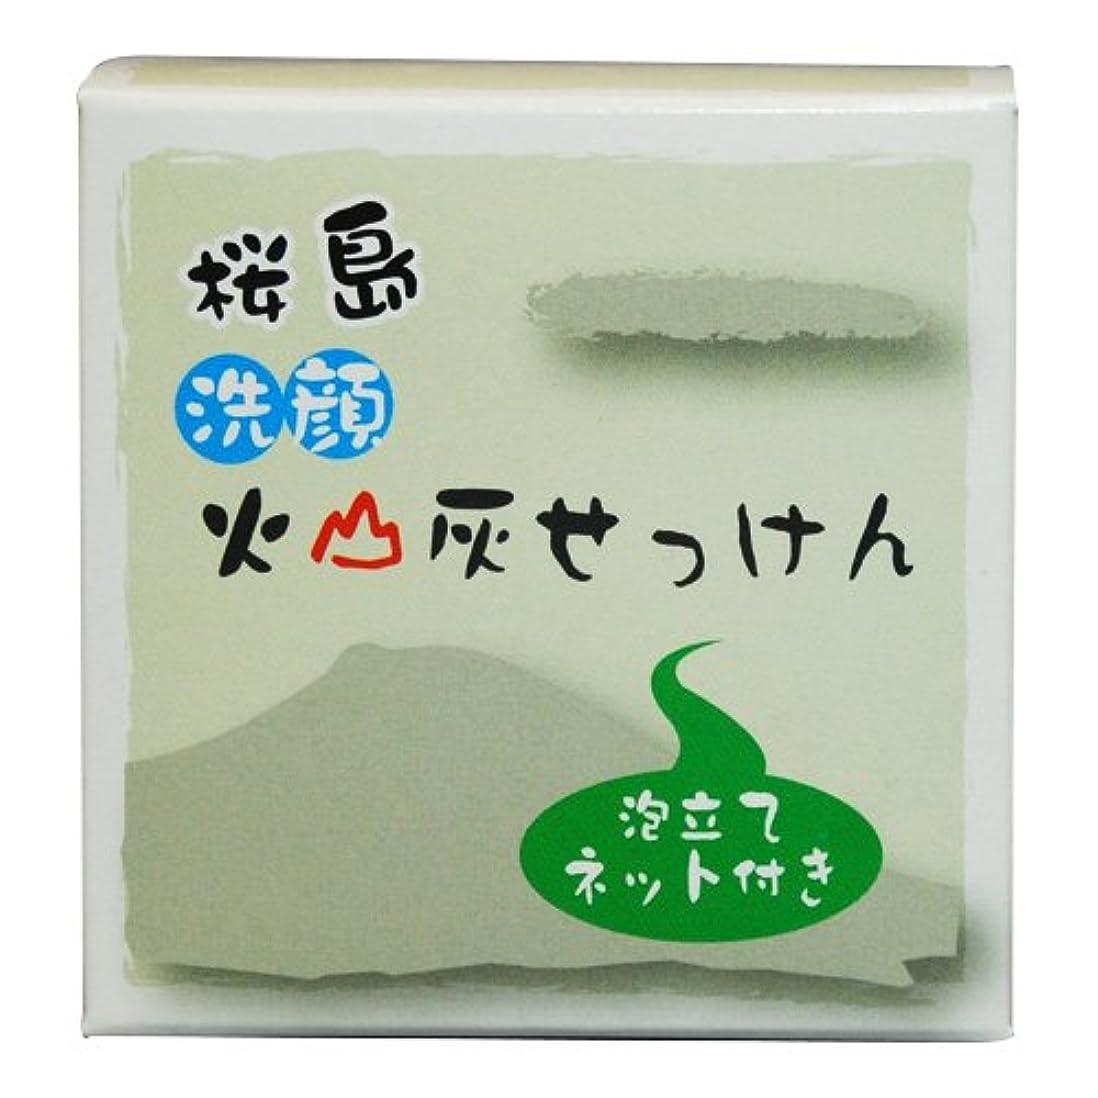 雇うナイトスポットブレーキ桜島洗顔火山灰せっけん(泡立てネット付き)